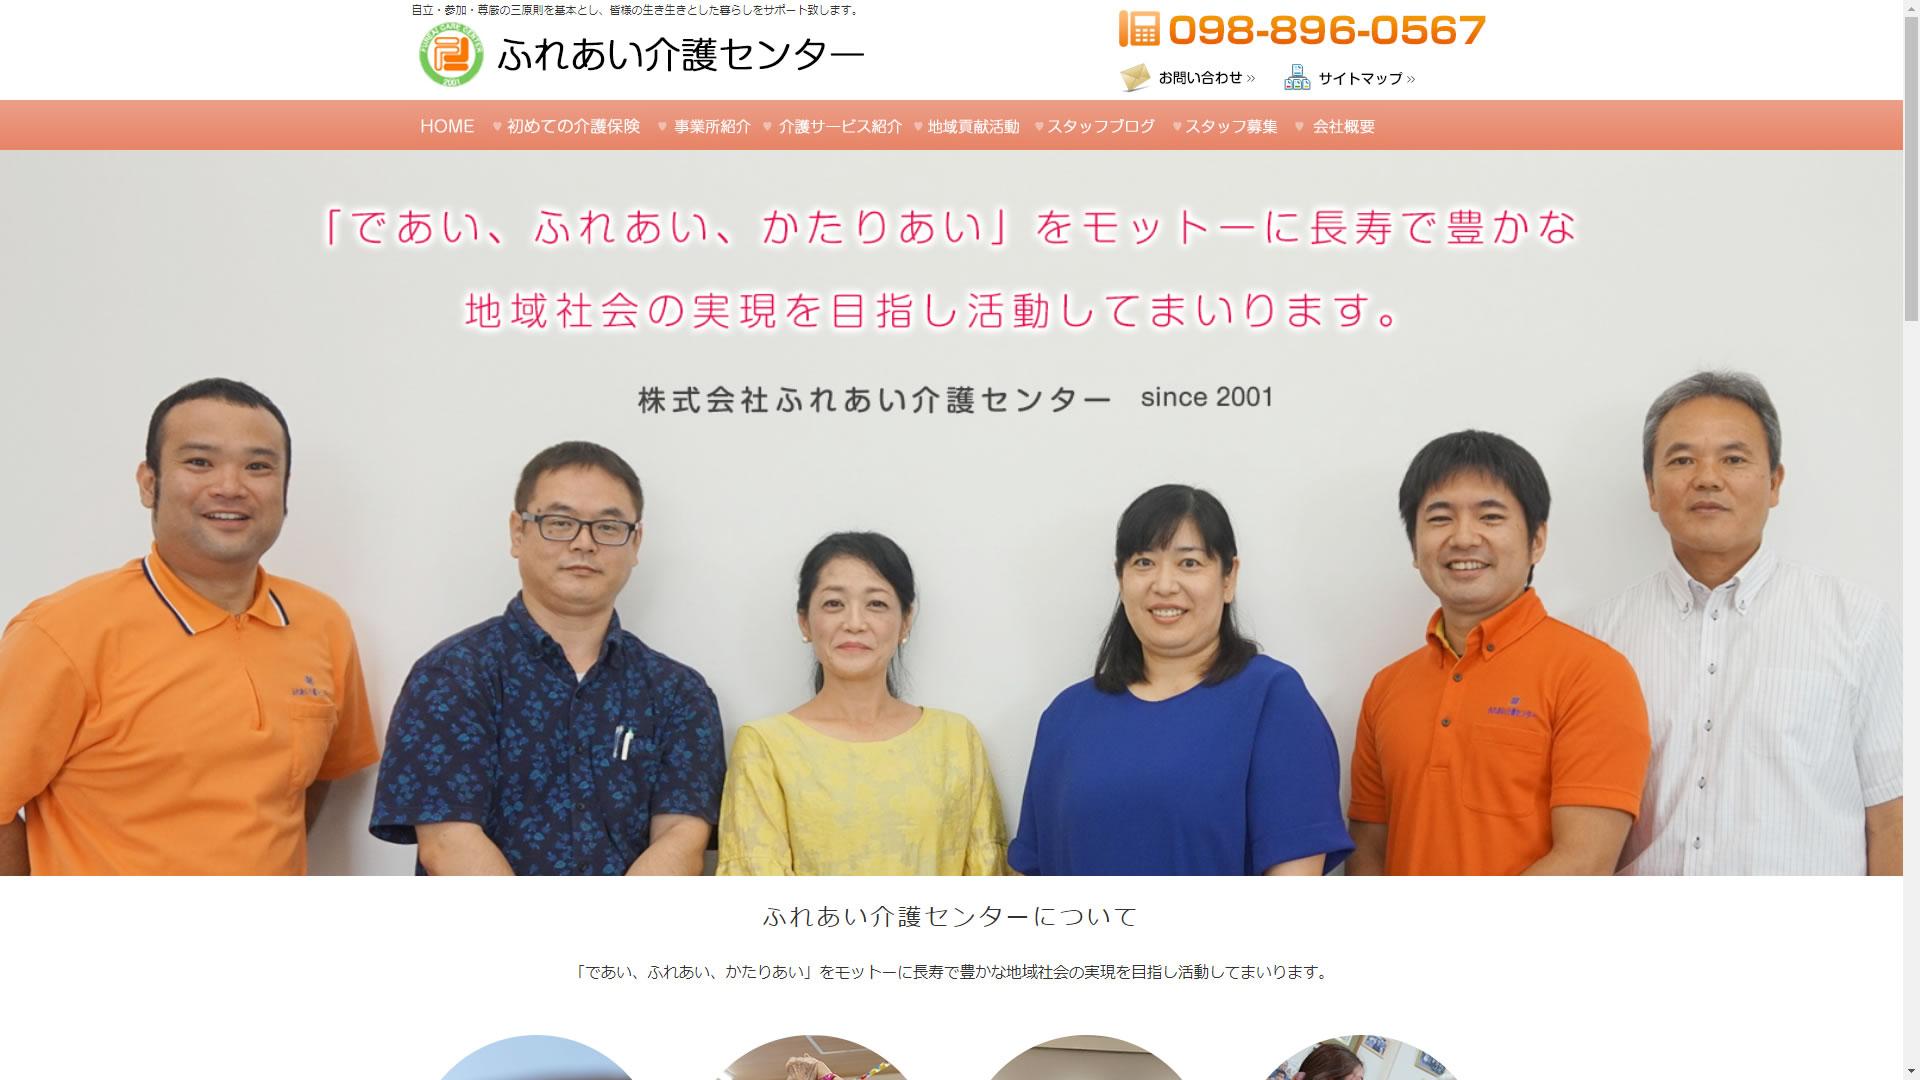 ふれあい介護センター:沖縄県の複合型 介護事業所